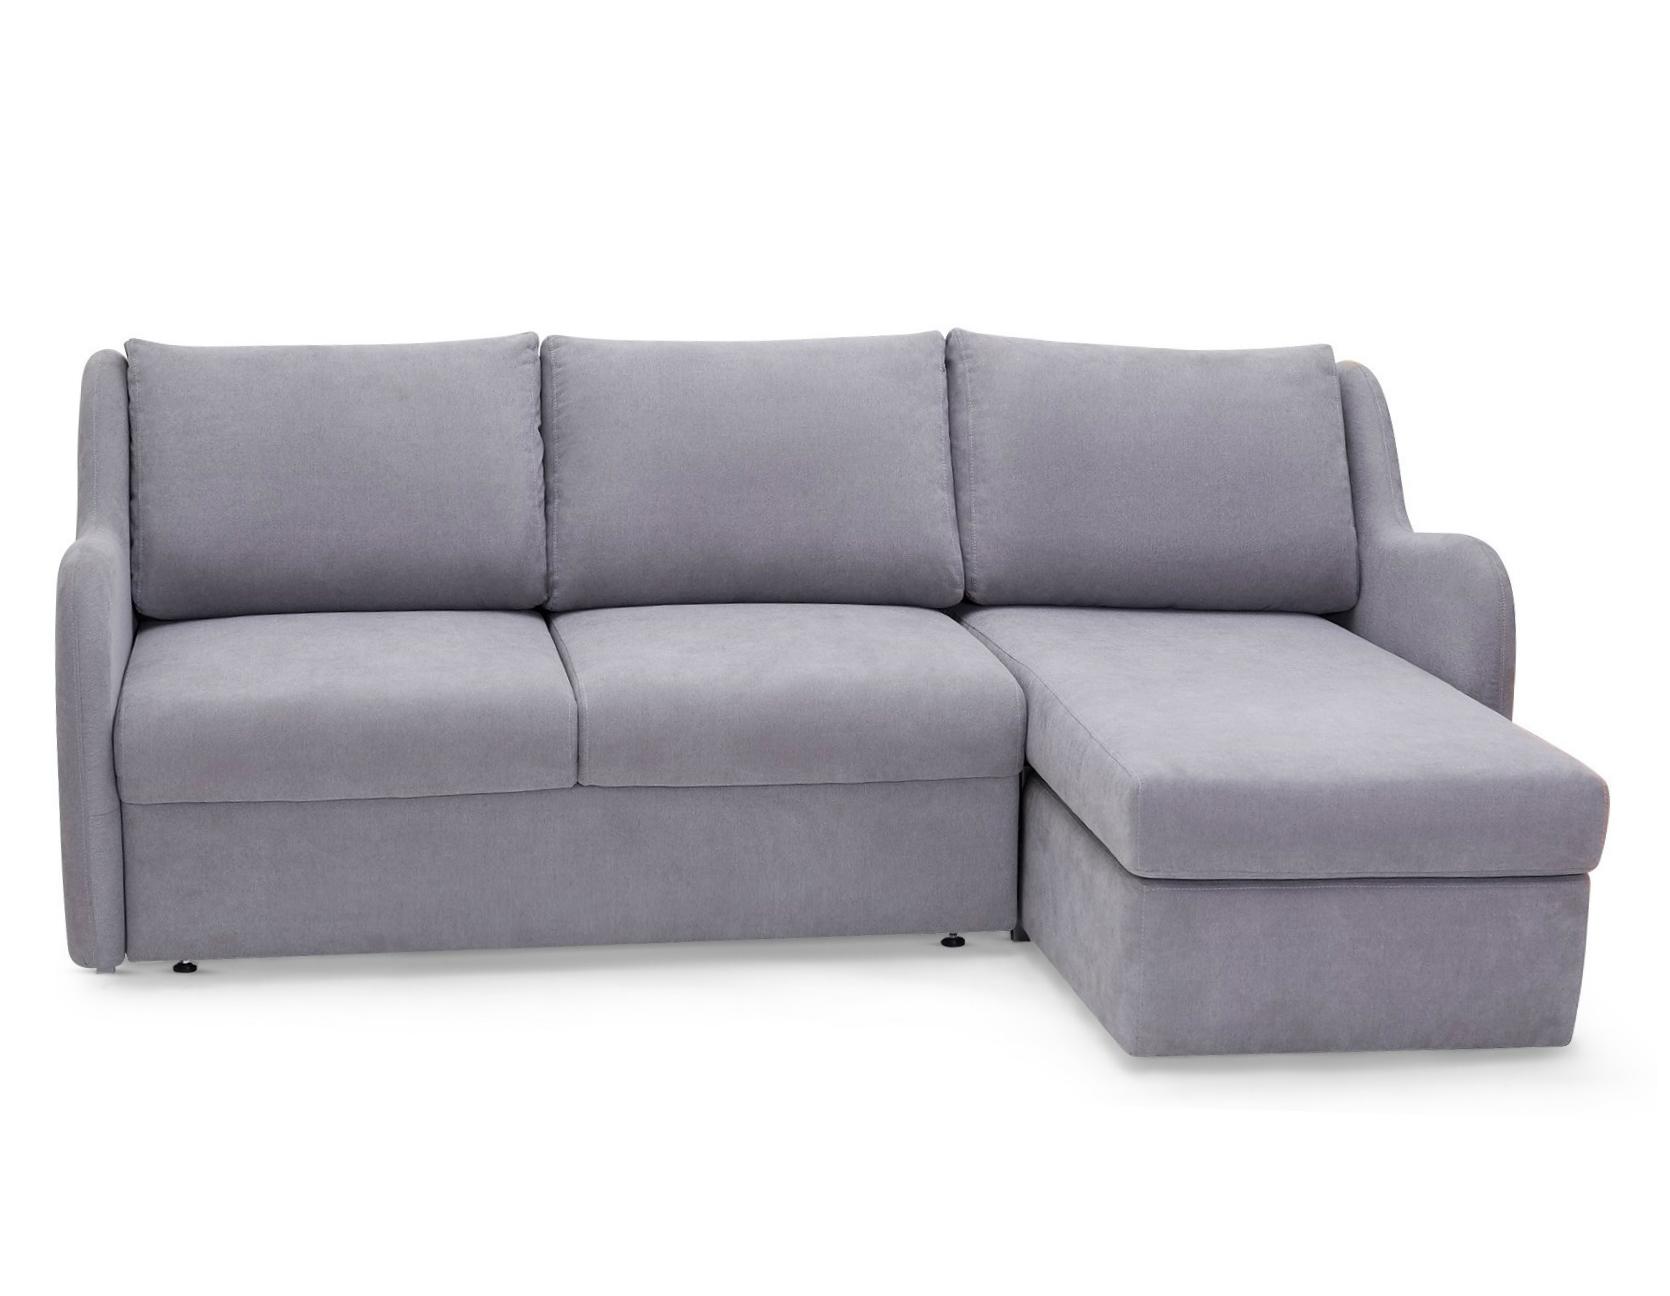 Myfurnish угловой диван-кровать universal серый  50607/50646